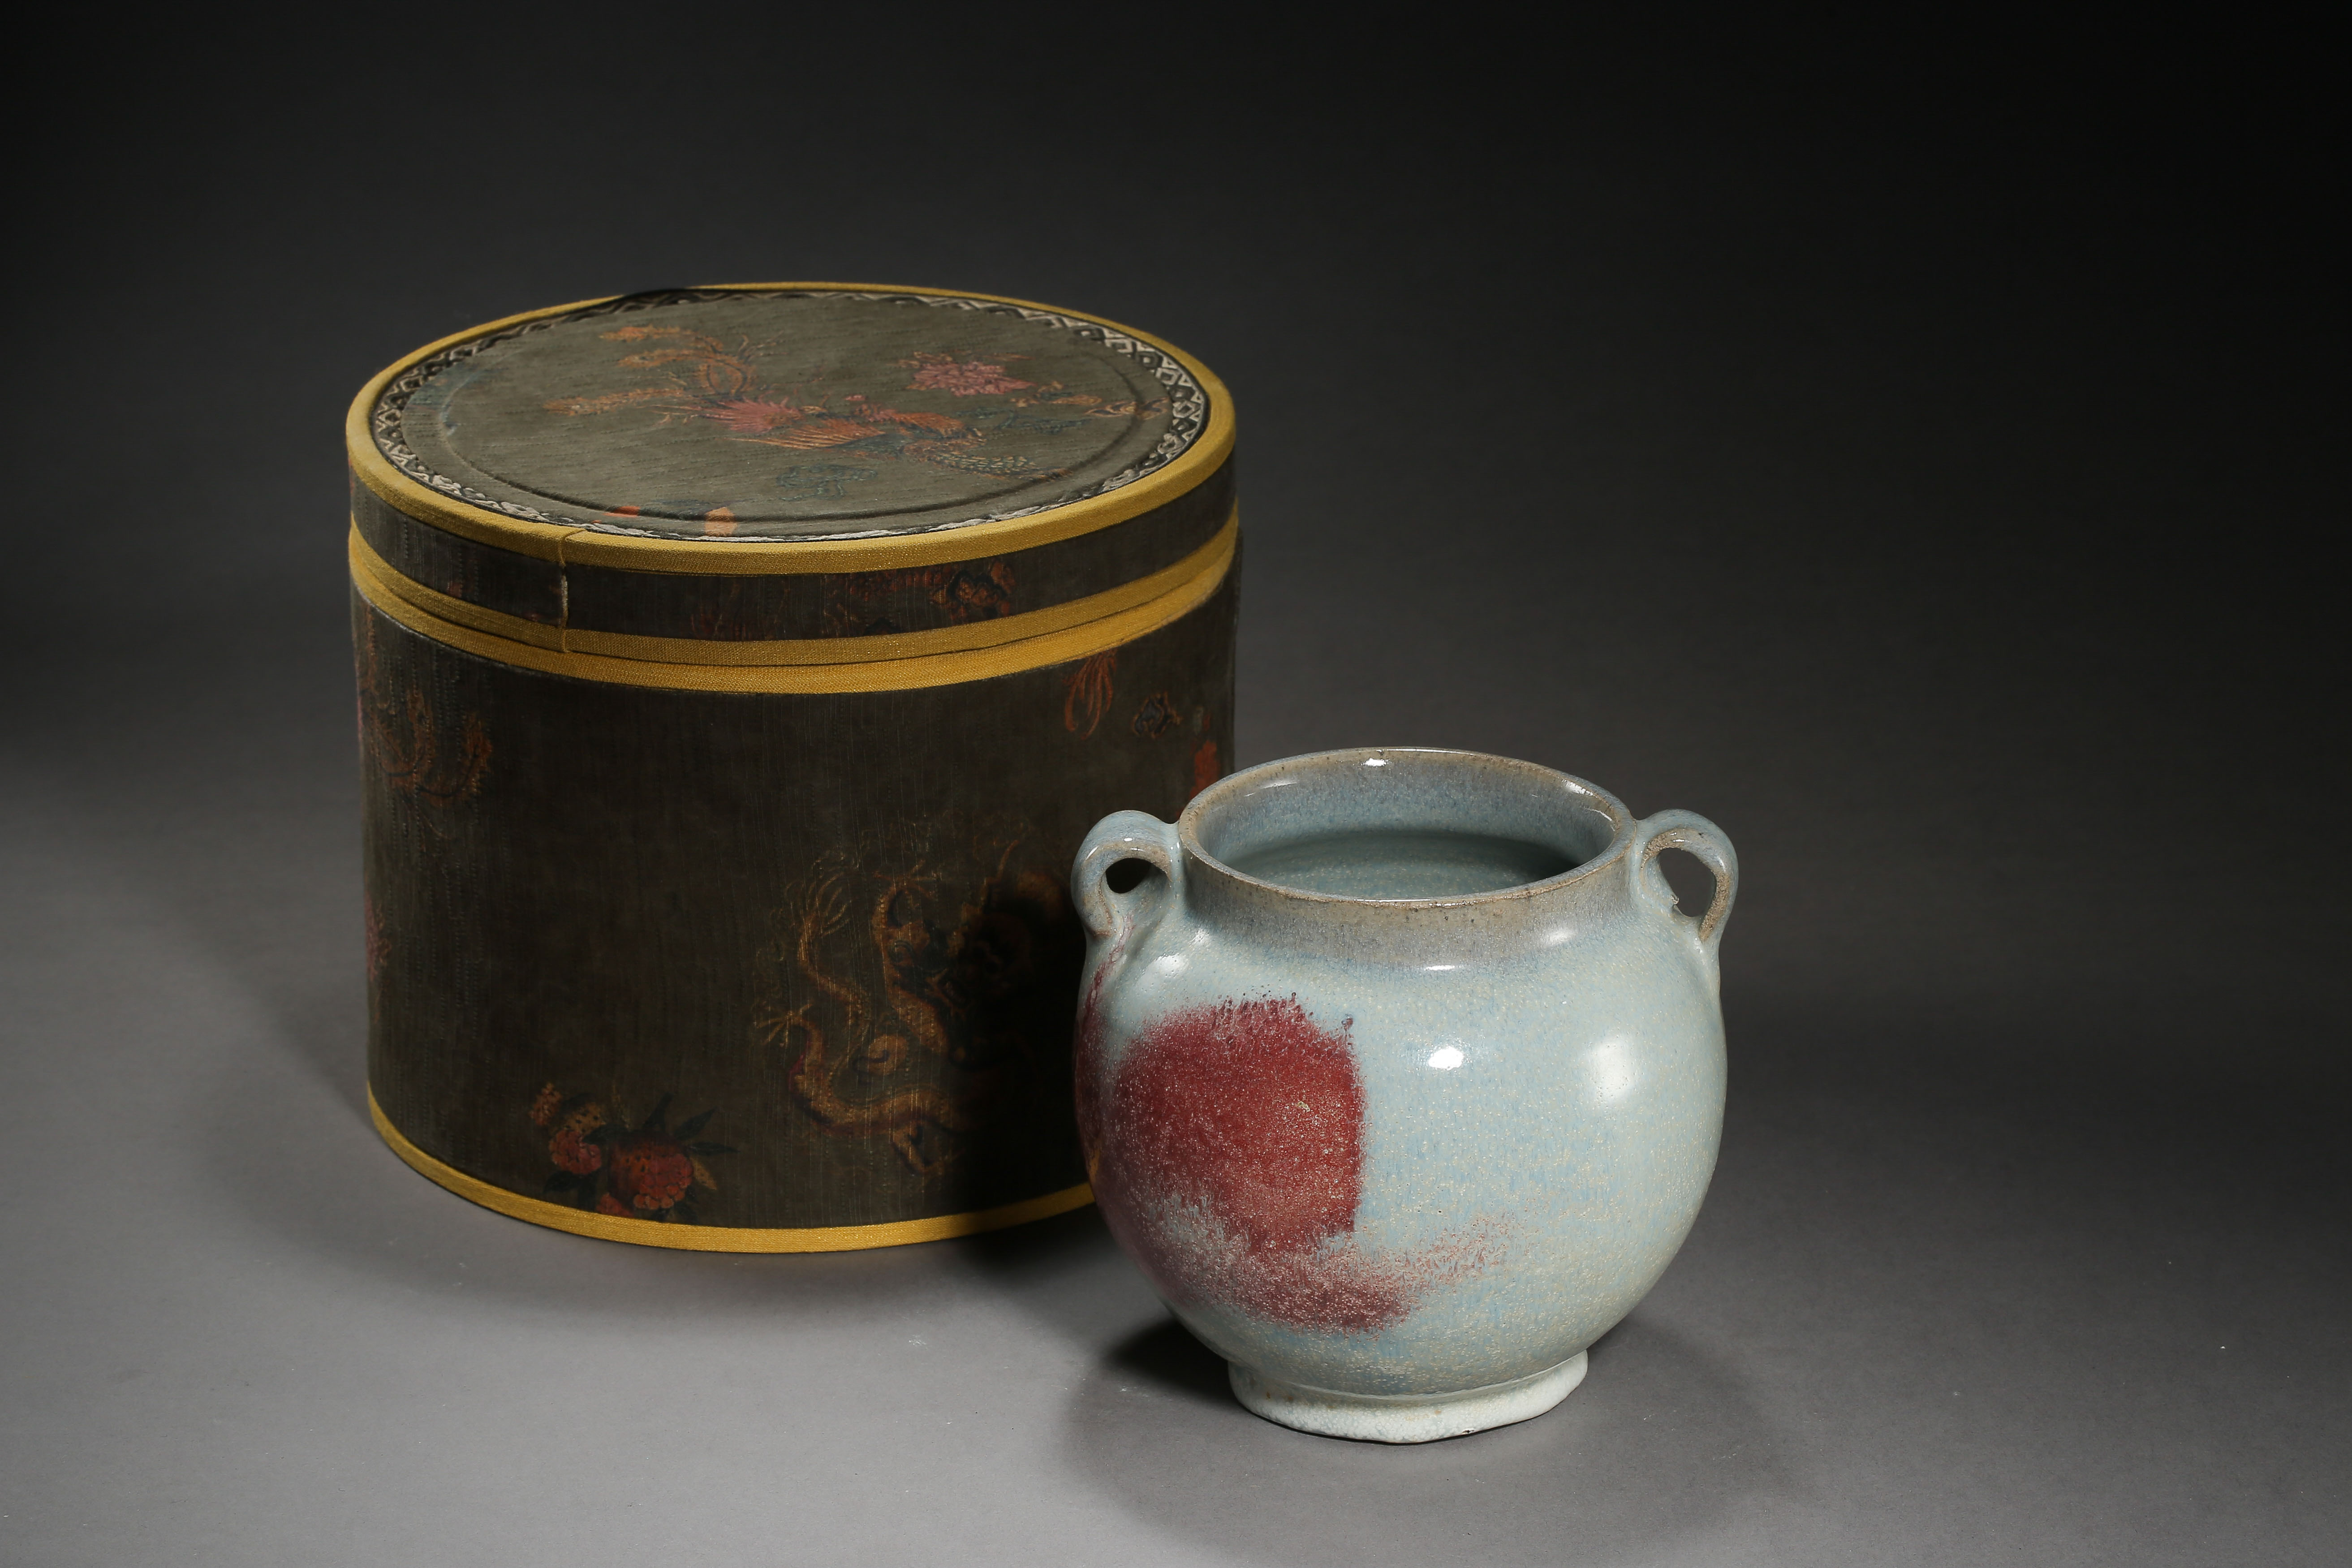 JUN KILN DOUBLE HANDLE JAR, YUAN DYNASTY, CHINA - Image 3 of 10